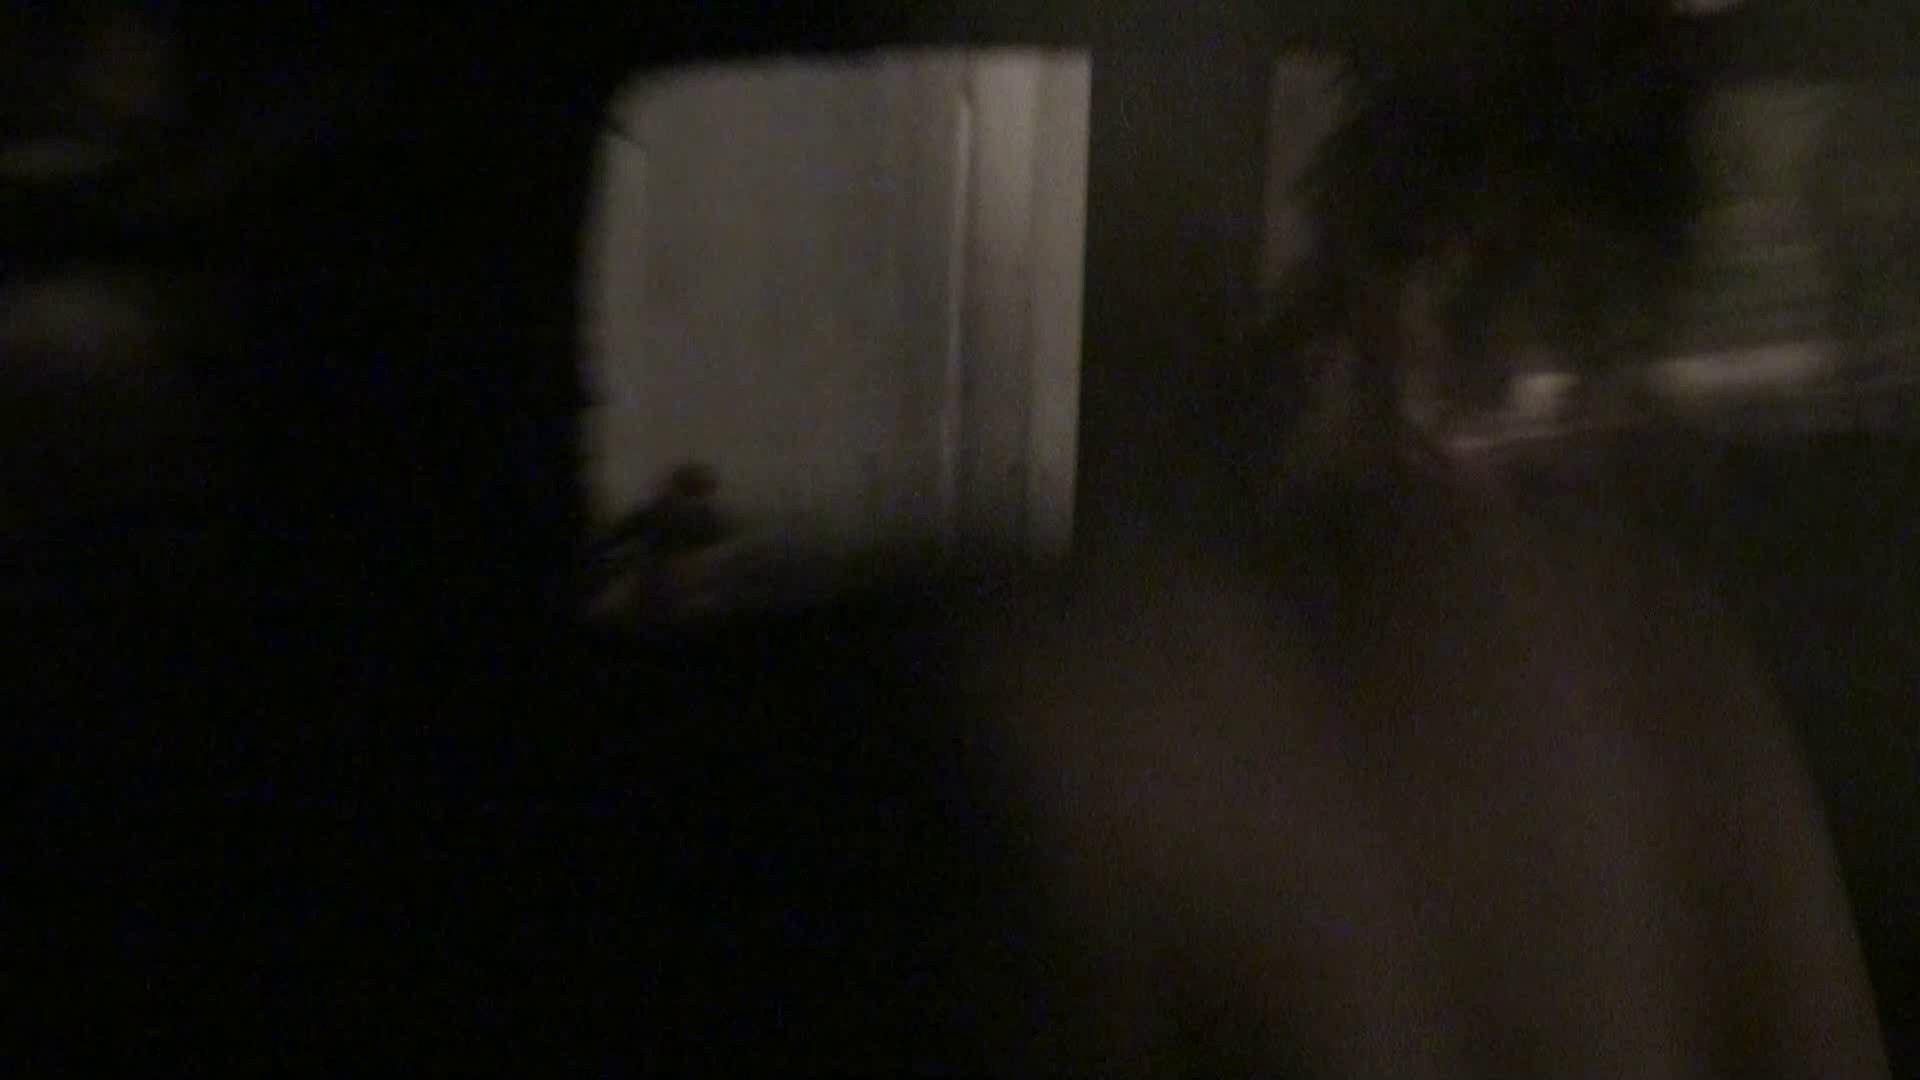 Aquaな露天風呂Vol.337 盗撮師作品 | 美しいOLの裸体  94pic 43